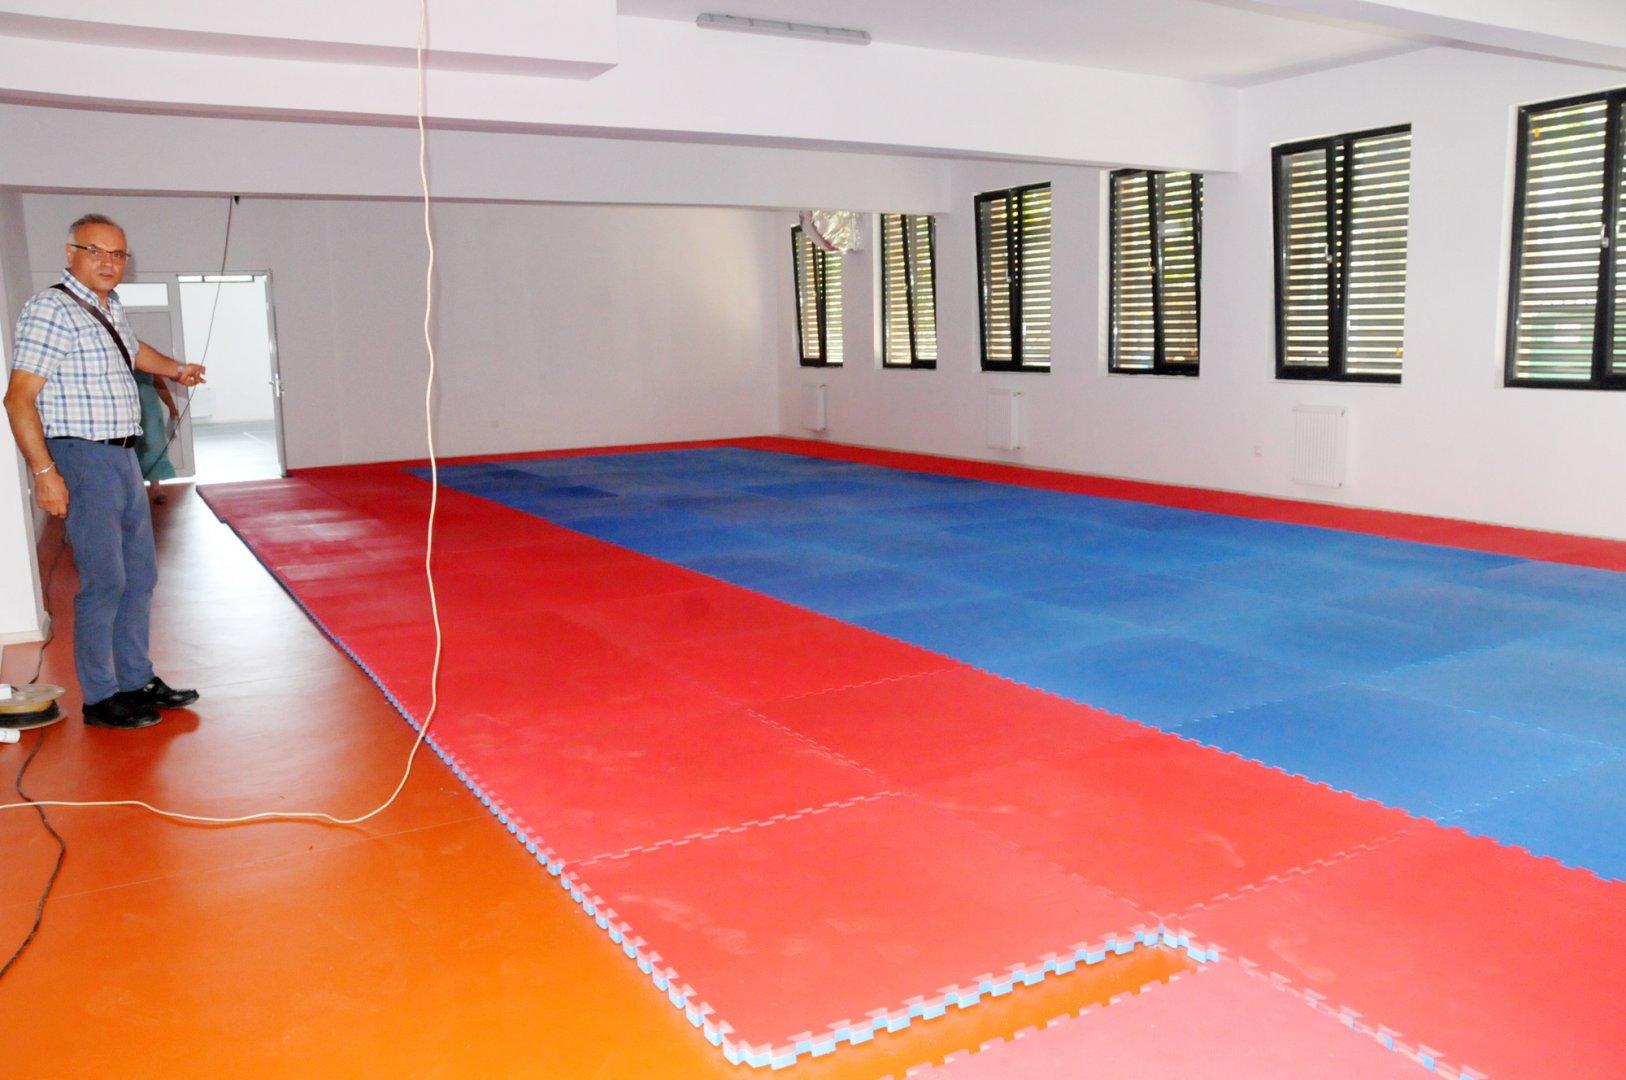 Тази година възпитаниците на ПГЕЕ Константин Фотинов ще провеждат занятията по физкултура в нова зала. Снимки Лина Главинова